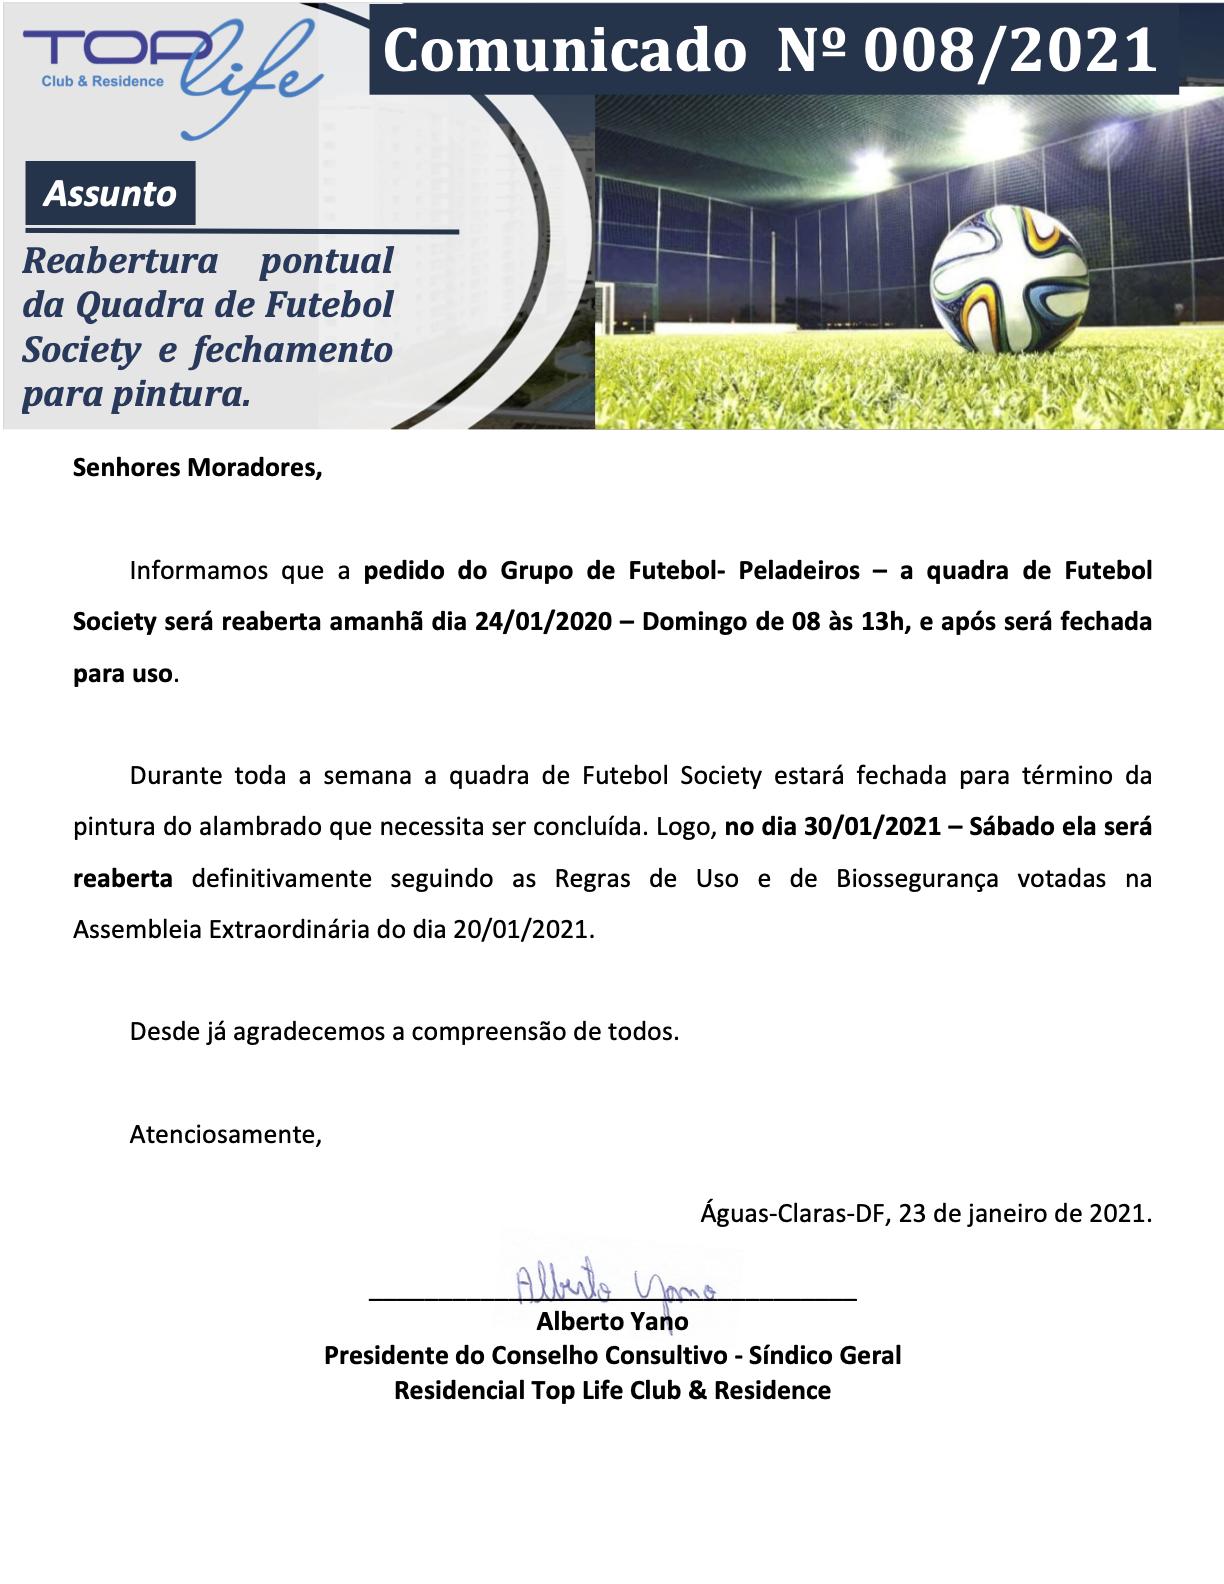 Comunicado 008/2021 - Reabertura pontual da Quadra de Futebol Society e fechamento para término da pintura do alambrado